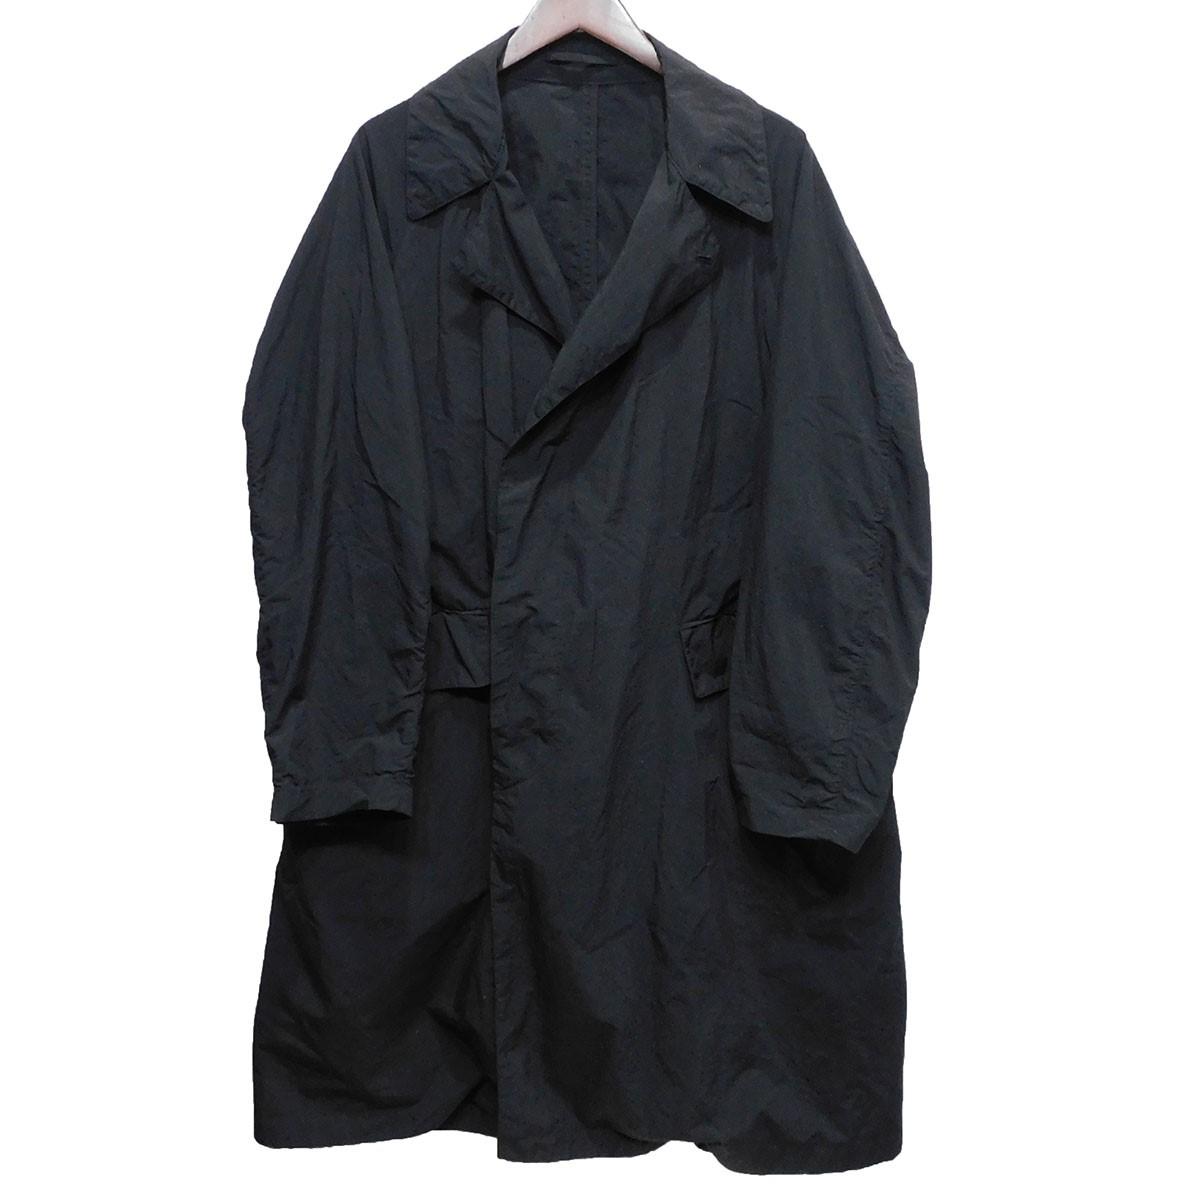 【中古】TEATORA「Device Coat P」 デバイスパッカブルコート ブラック サイズ:46 【5月11日見直し】